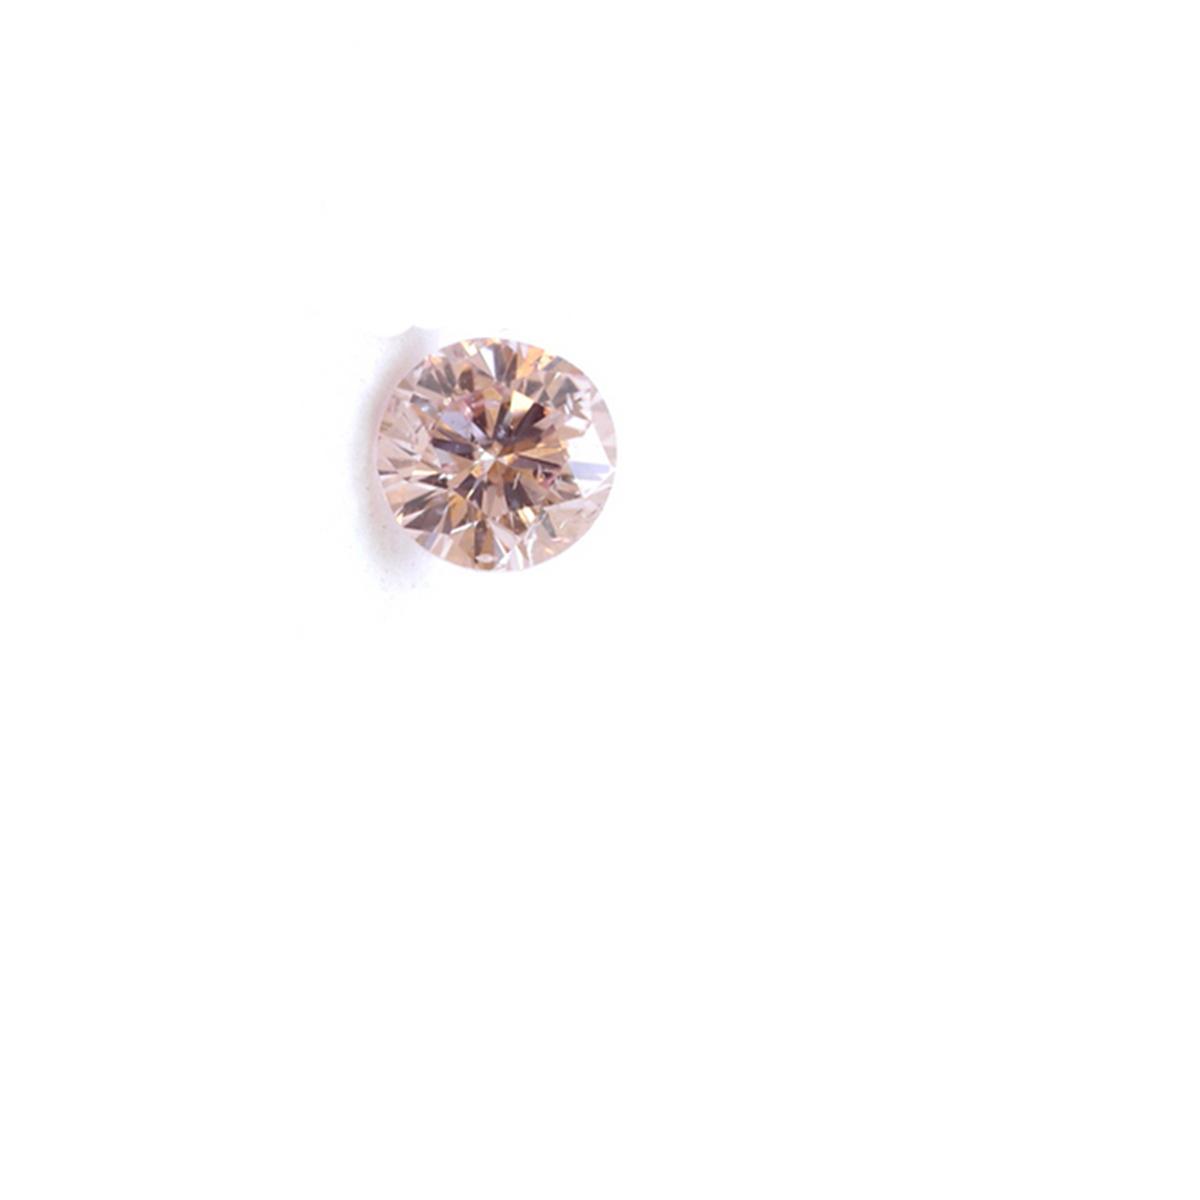 鸾凤珠宝 GIA证书 50分 净度VS1 颜色F 切工VGEXVG 裸钻石特价